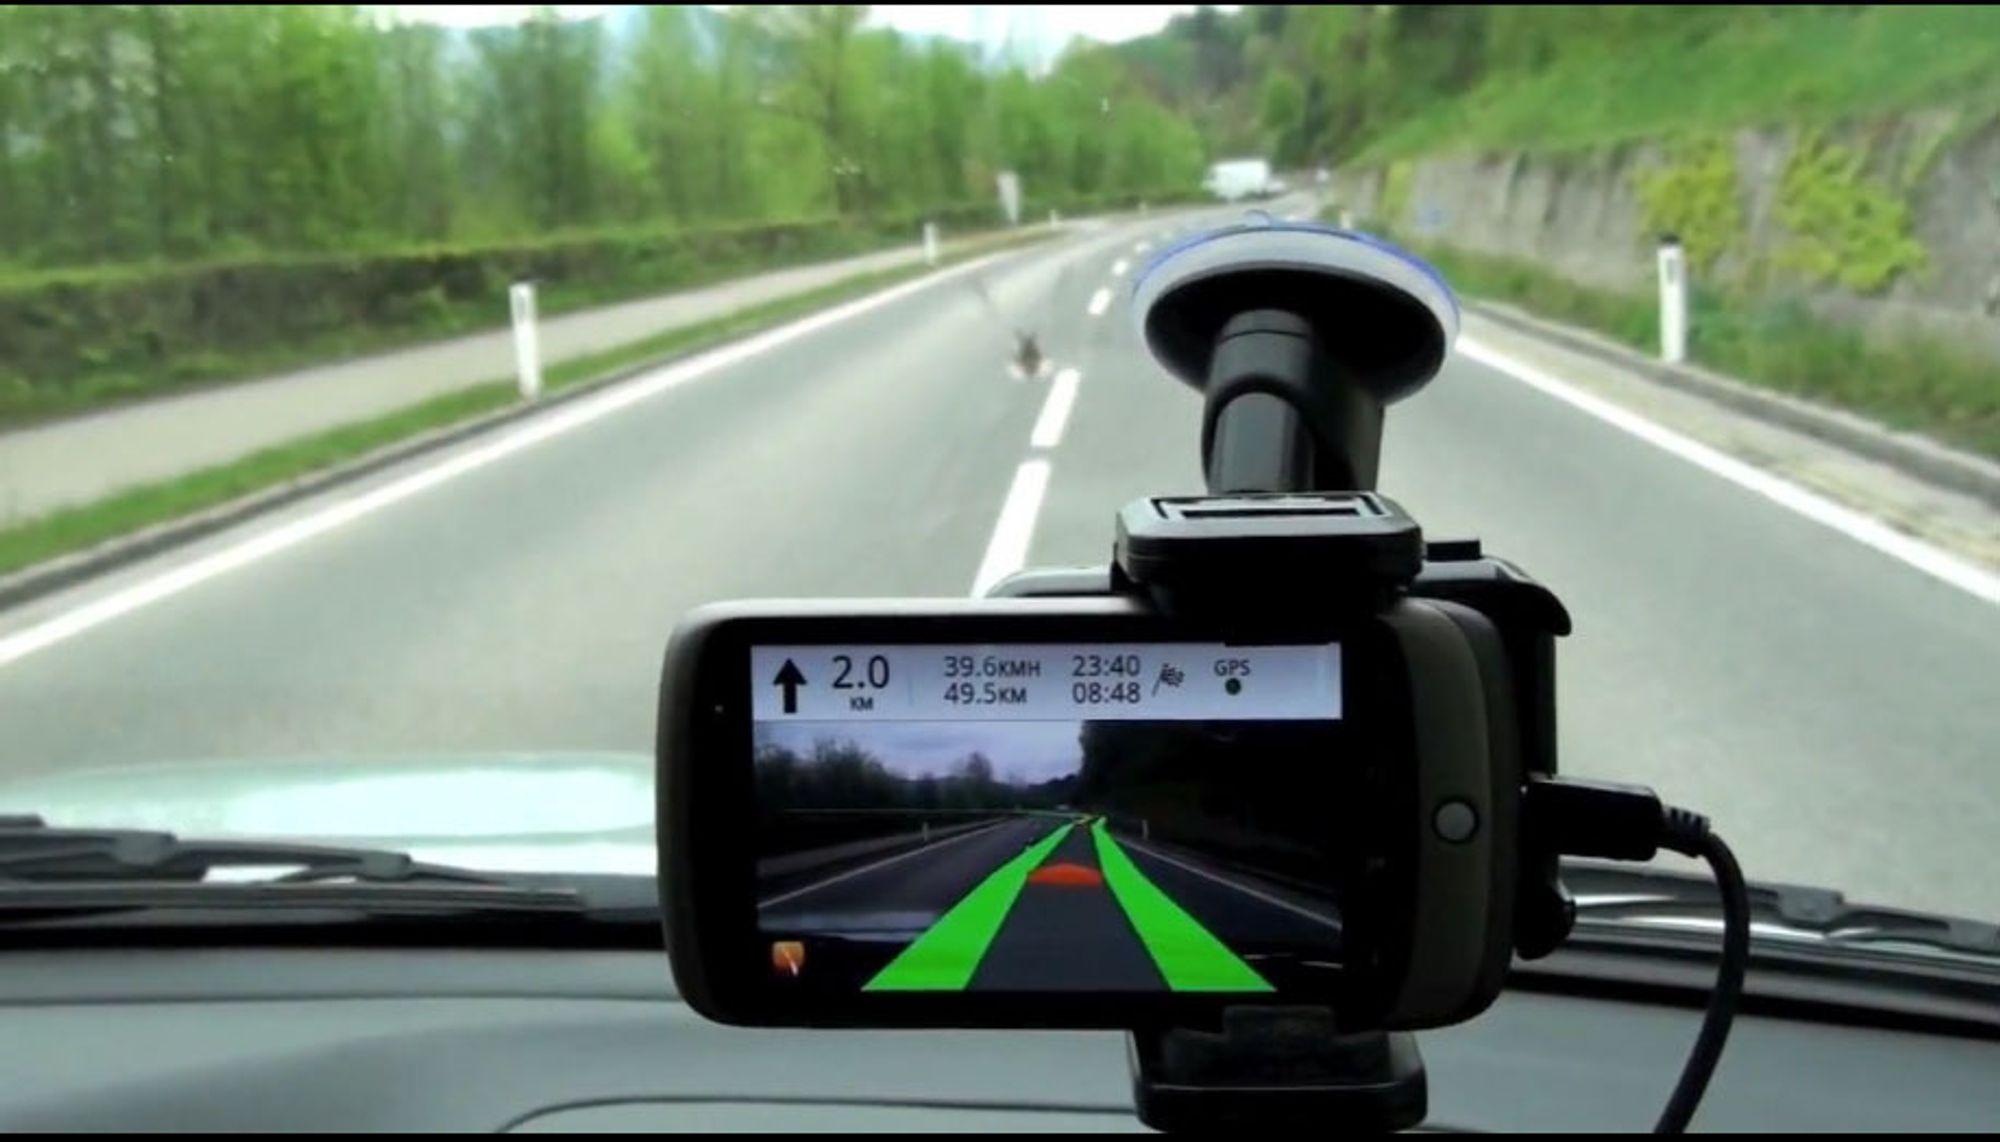 Her ser du fremtidens GPS-navigasjon